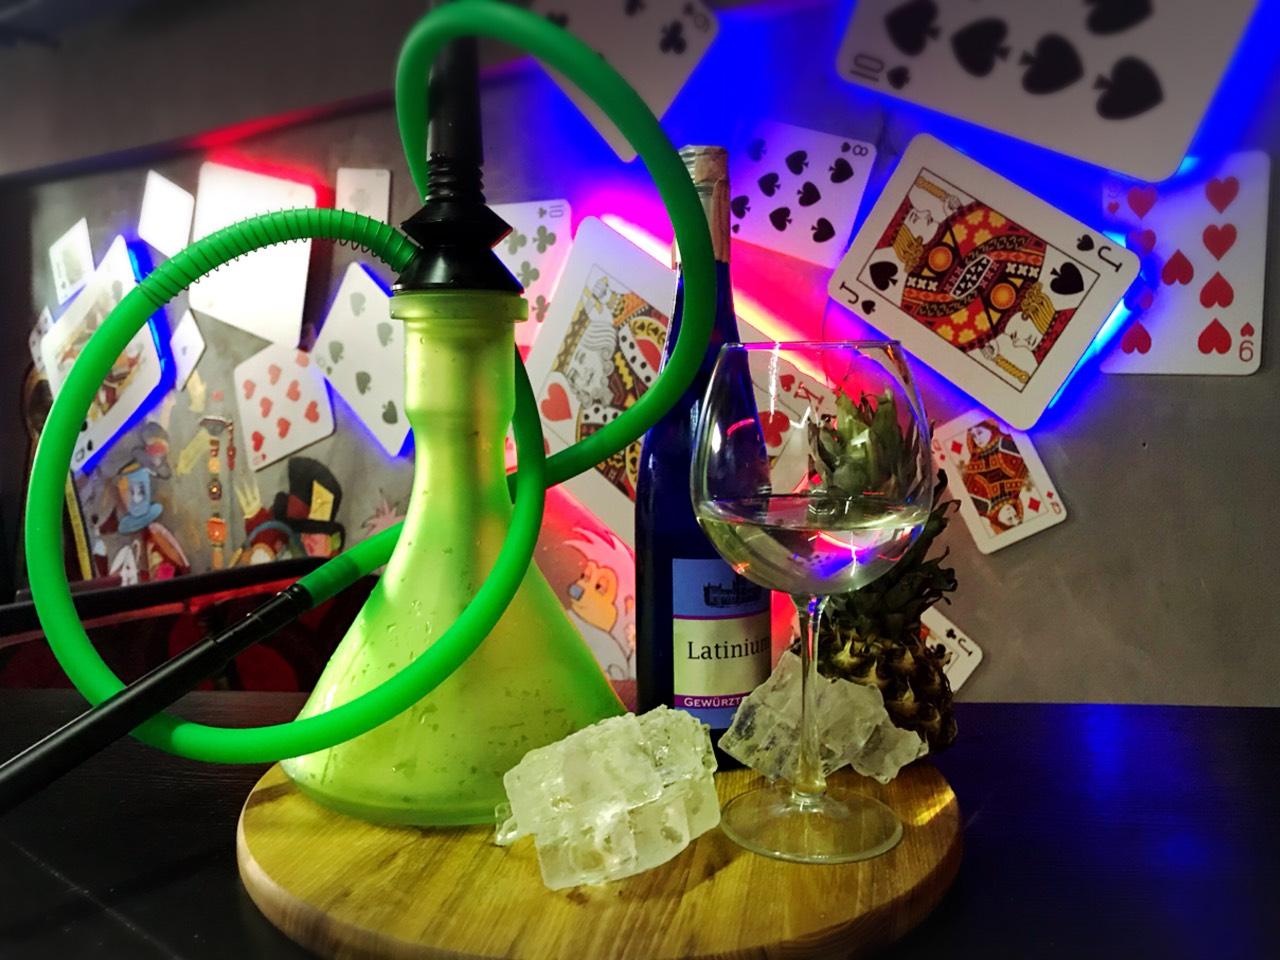 Кальян-бар киев, кальян-бар Smokeland, кальянная в центре киева,Меню кальян бара SMOKELAND,кальян бар киев,киев кальян,где покурить кальян киев, кальянные киева,кальян саксаганского ( (33)